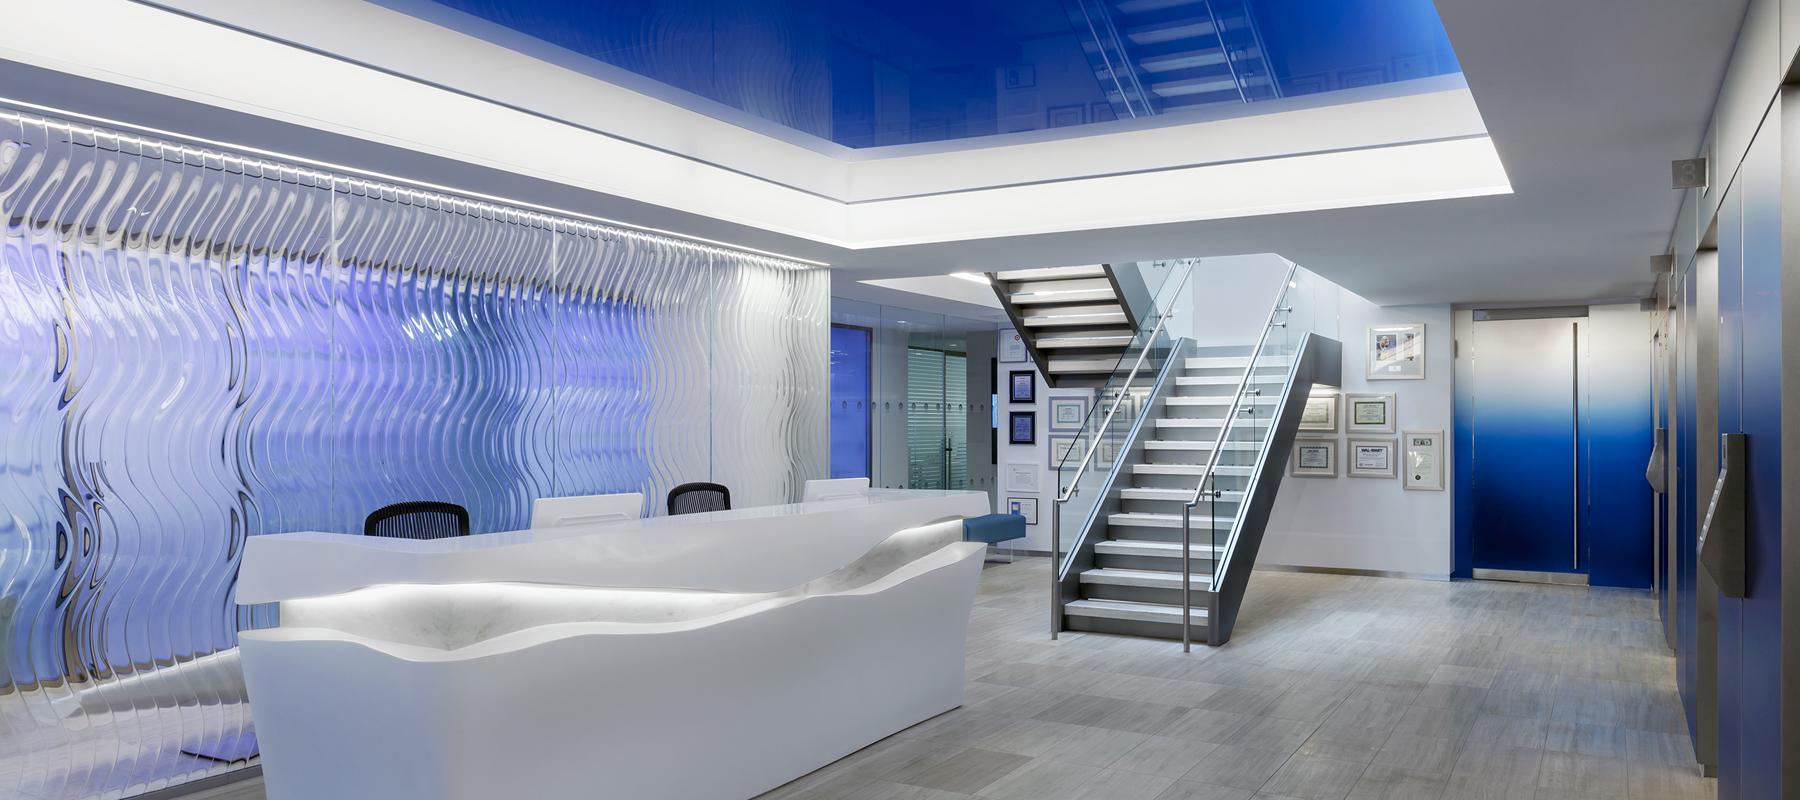 Los Angeles California Architectural Decorative Glass area